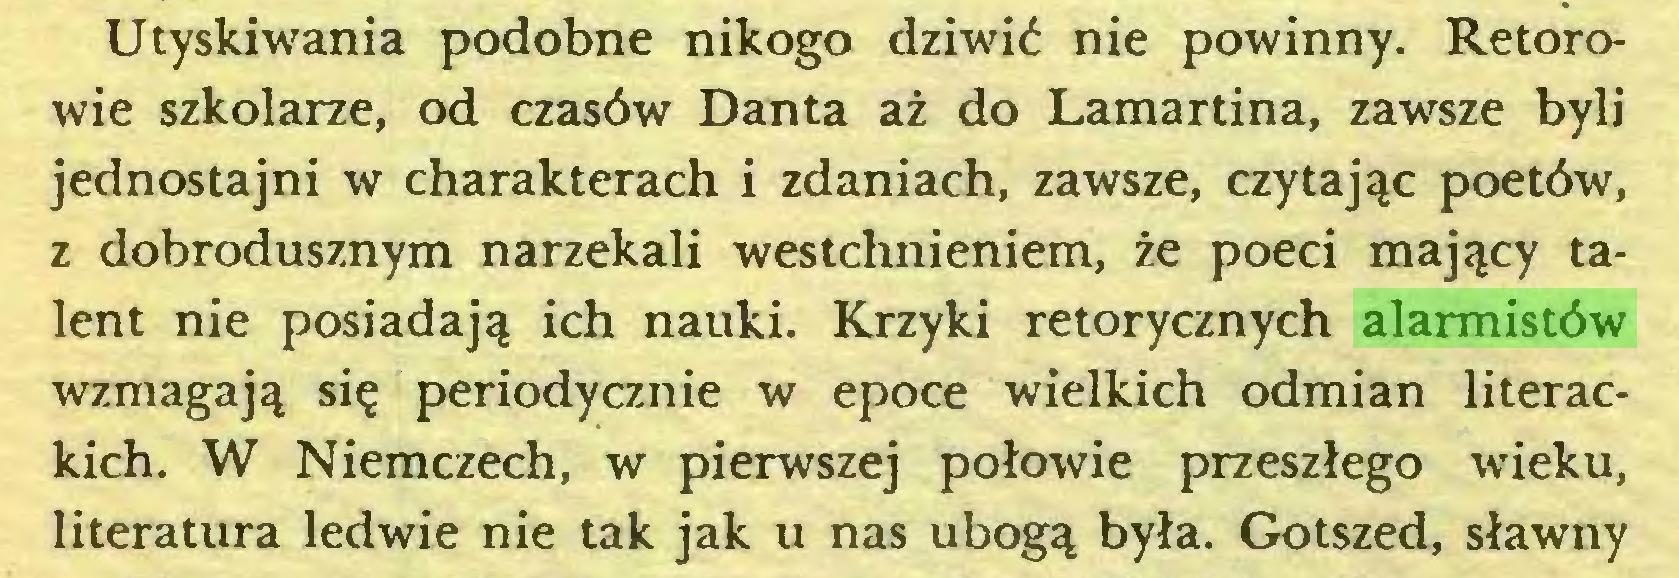 (...) Utyskiwania podobne nikogo dziwić nie powinny. Retorowie szkolarze, od czasów Danta aż do Lamartina, zawsze byli jednostajni w charakterach i zdaniach, zawsze, czytając poetów, z dobrodusznym narzekali westchnieniem, że poeci mający talent nie posiadają ich nauki. Krzyki retorycznych alarmistów wzmagają się periodycznie w epoce wielkich odmian literackich. W Niemczech, w pierwszej połowie przeszłego wieku, literatura ledwie nie tak jak u nas ubogą była. Gotszed, sławny...